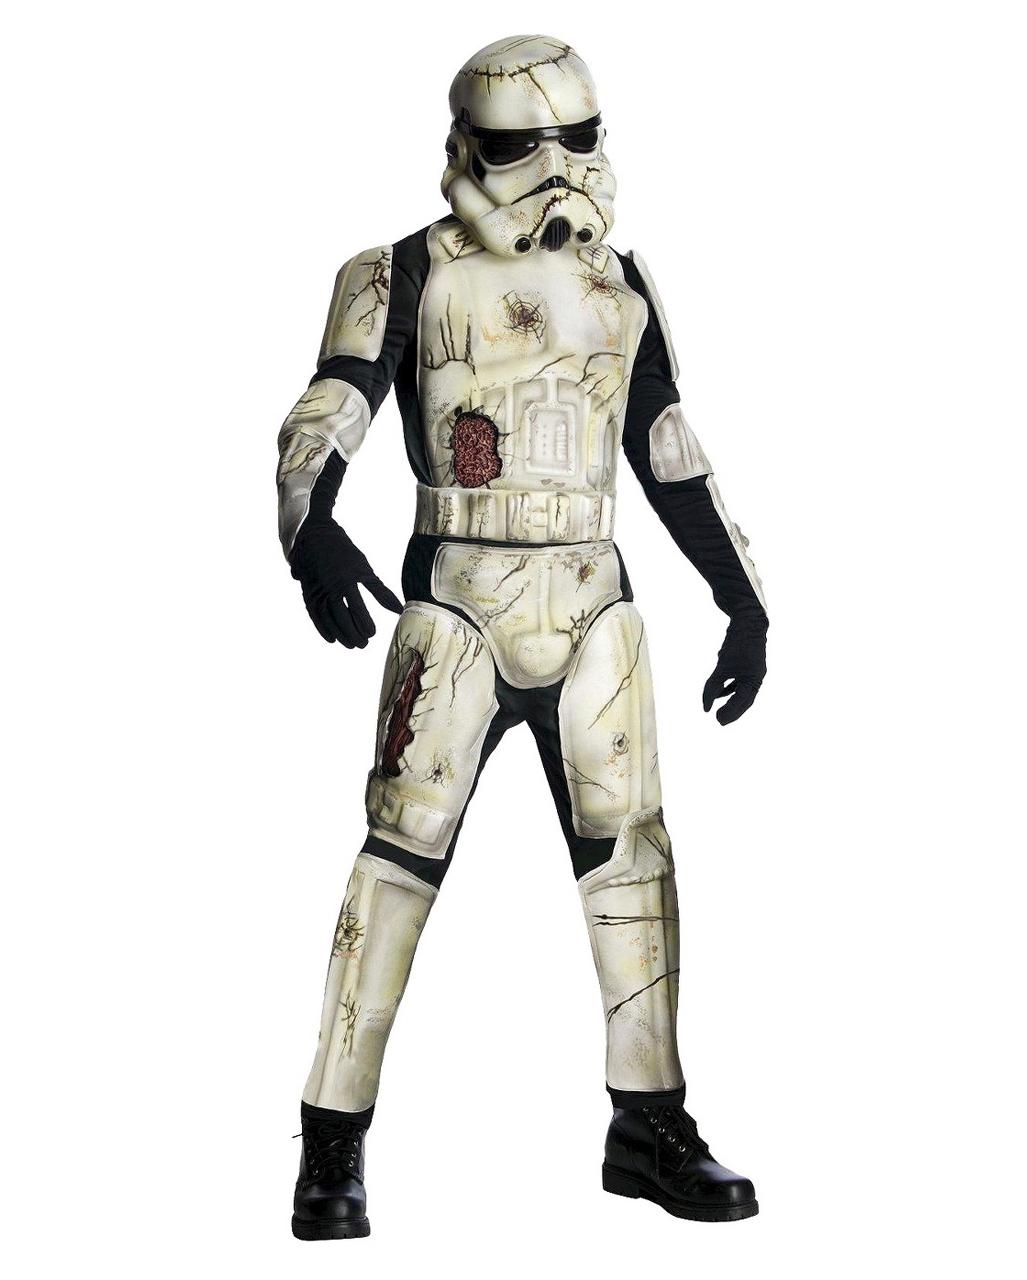 Deluxe Death Trooper Kostüm Star Wars Kostüme Merchandise